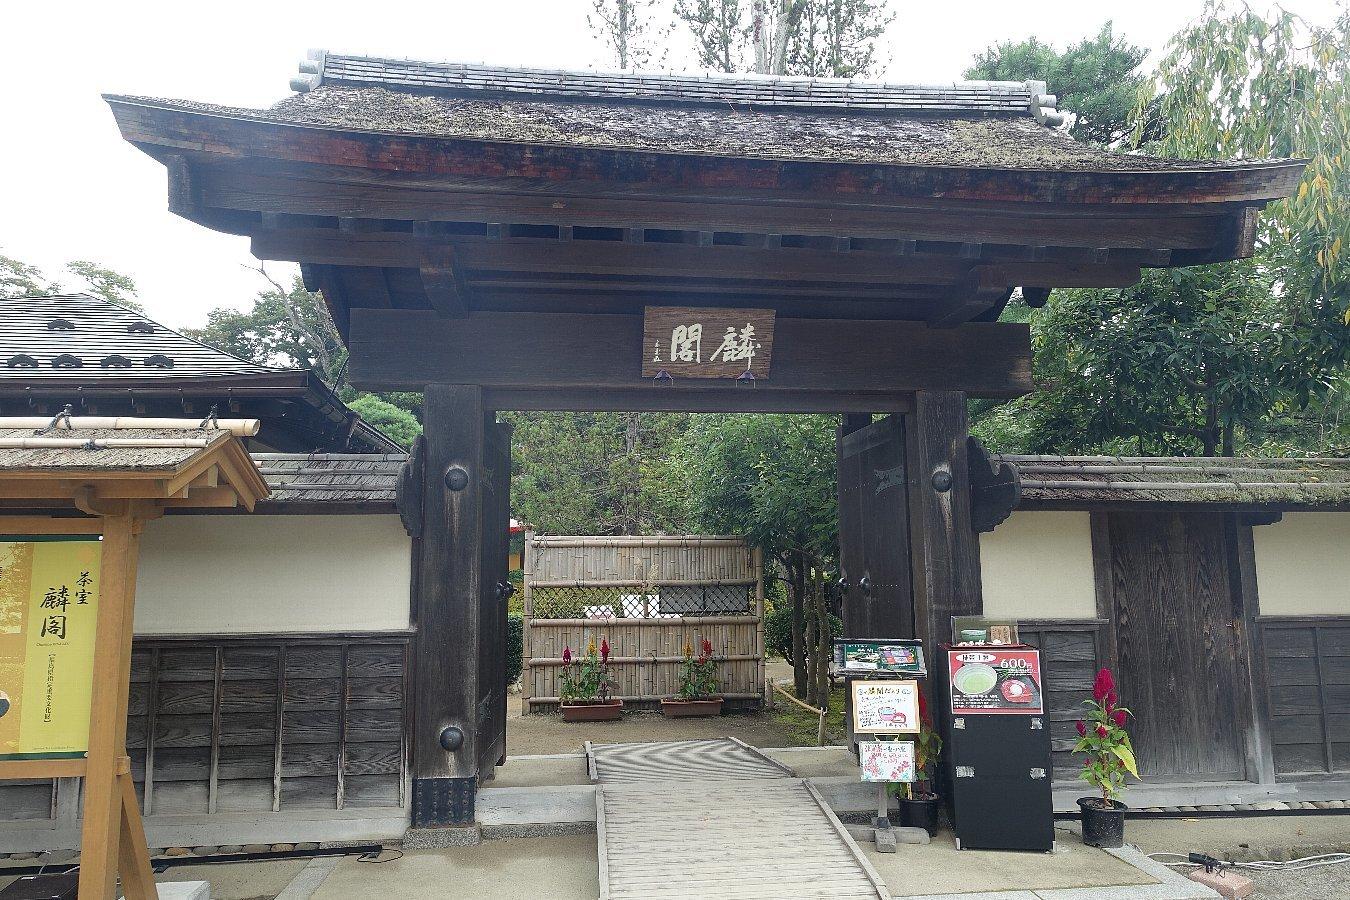 鶴ヶ城公園 茶室「麟閣」_c0112559_08303296.jpg